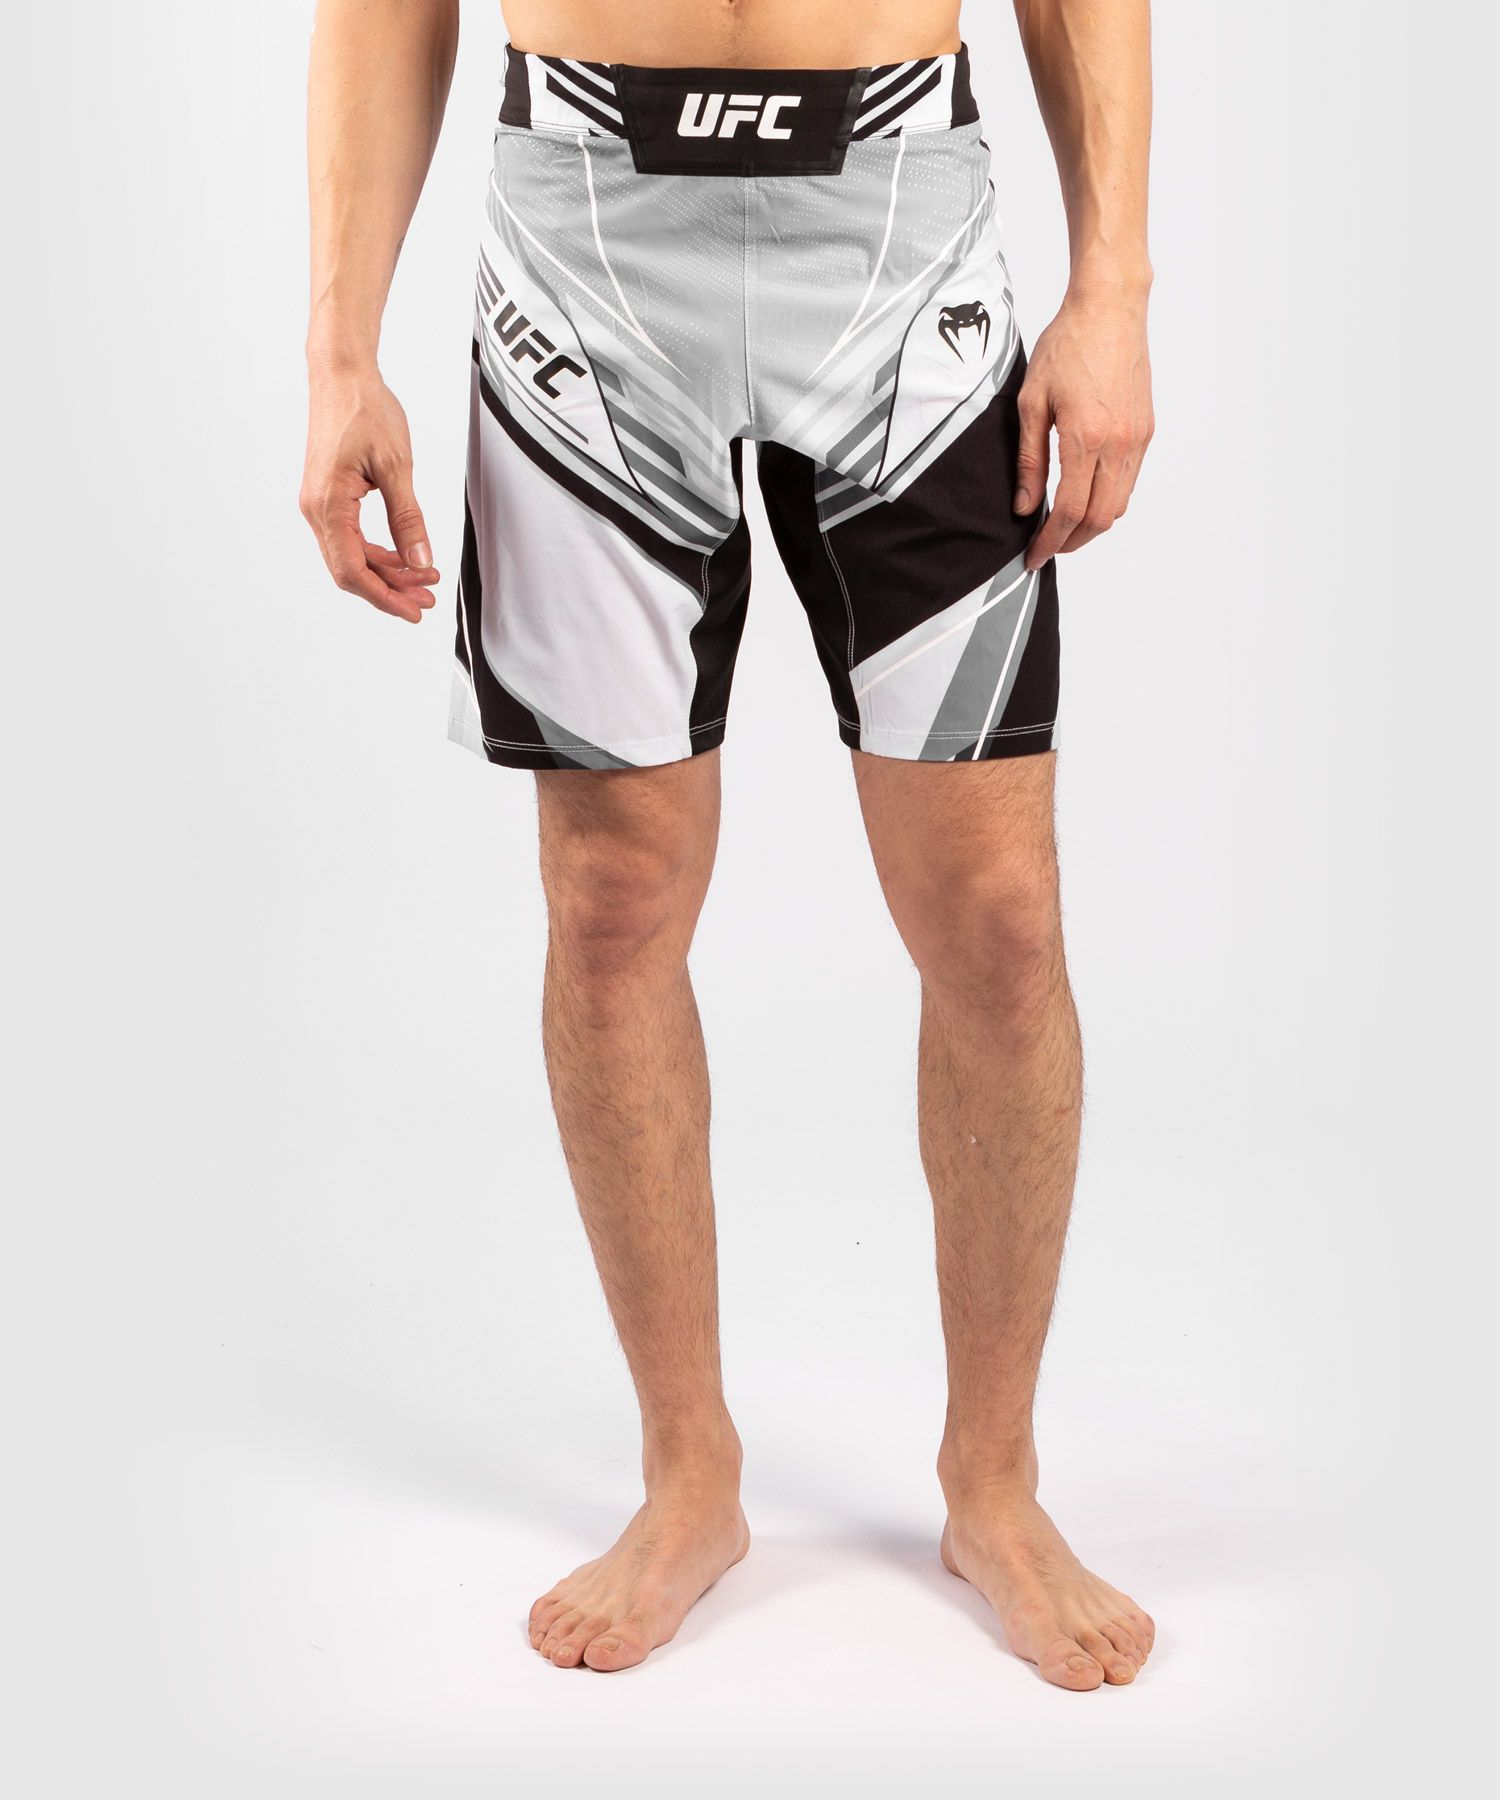 UFC 베넘 어쎈틱 파이트 나이트 남성 쇼츠 - 롱 핏 - 하얀